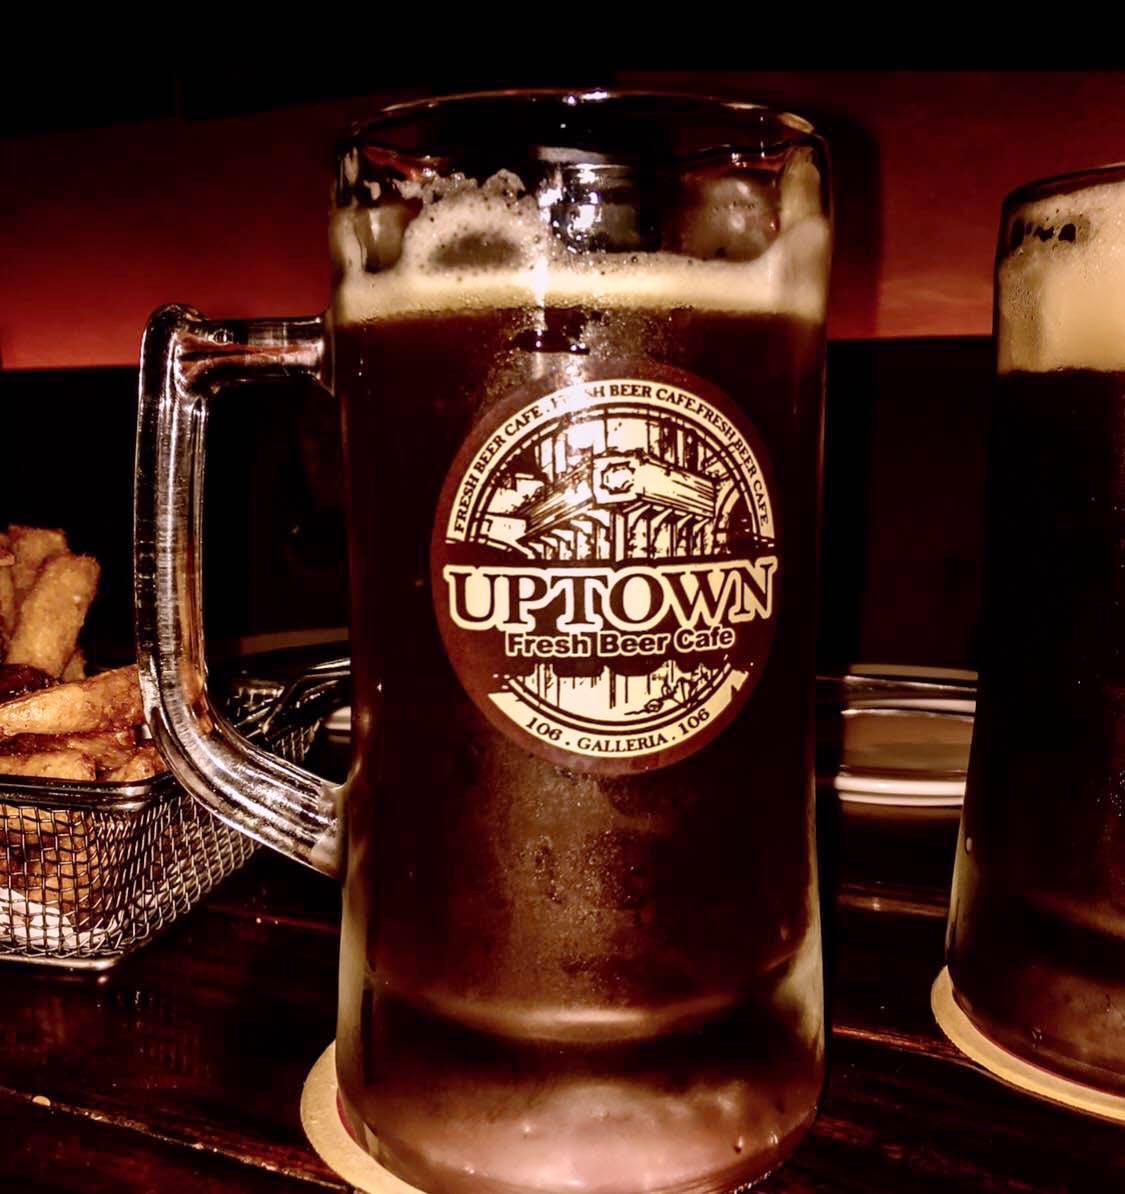 image - Uptown Fresh Beer Cafe